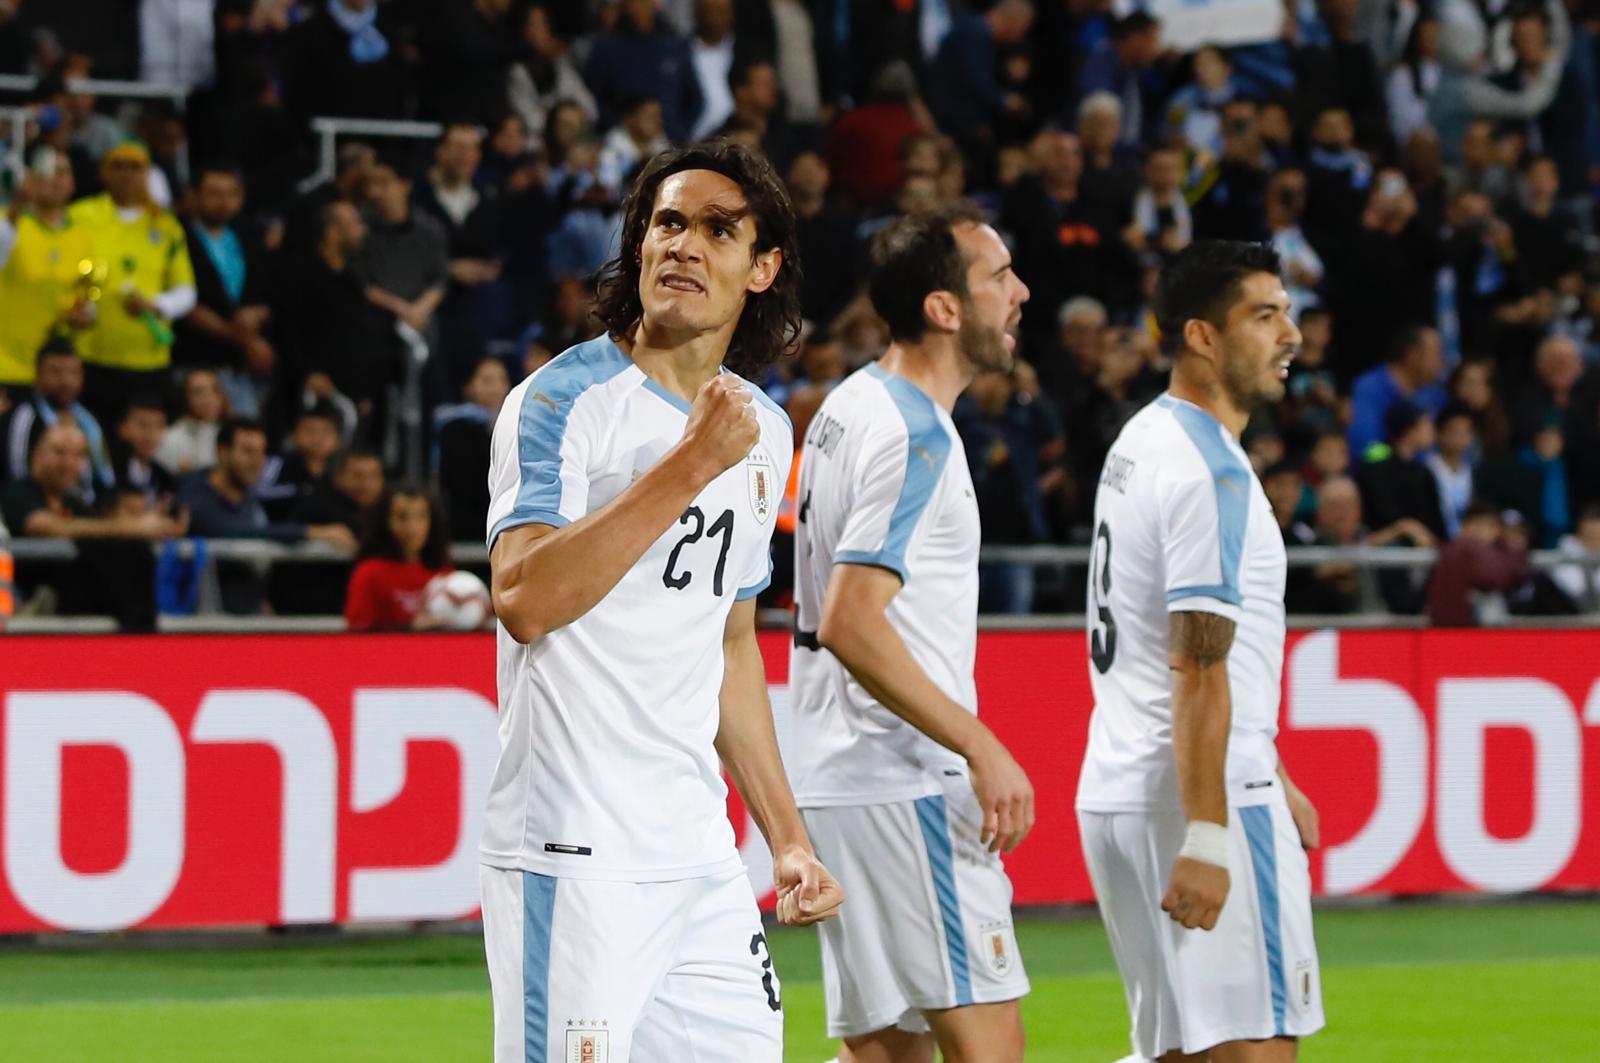 Аргентина - Уругвай 2:2. Дружеская битва Месси и Суареса - изображение 1